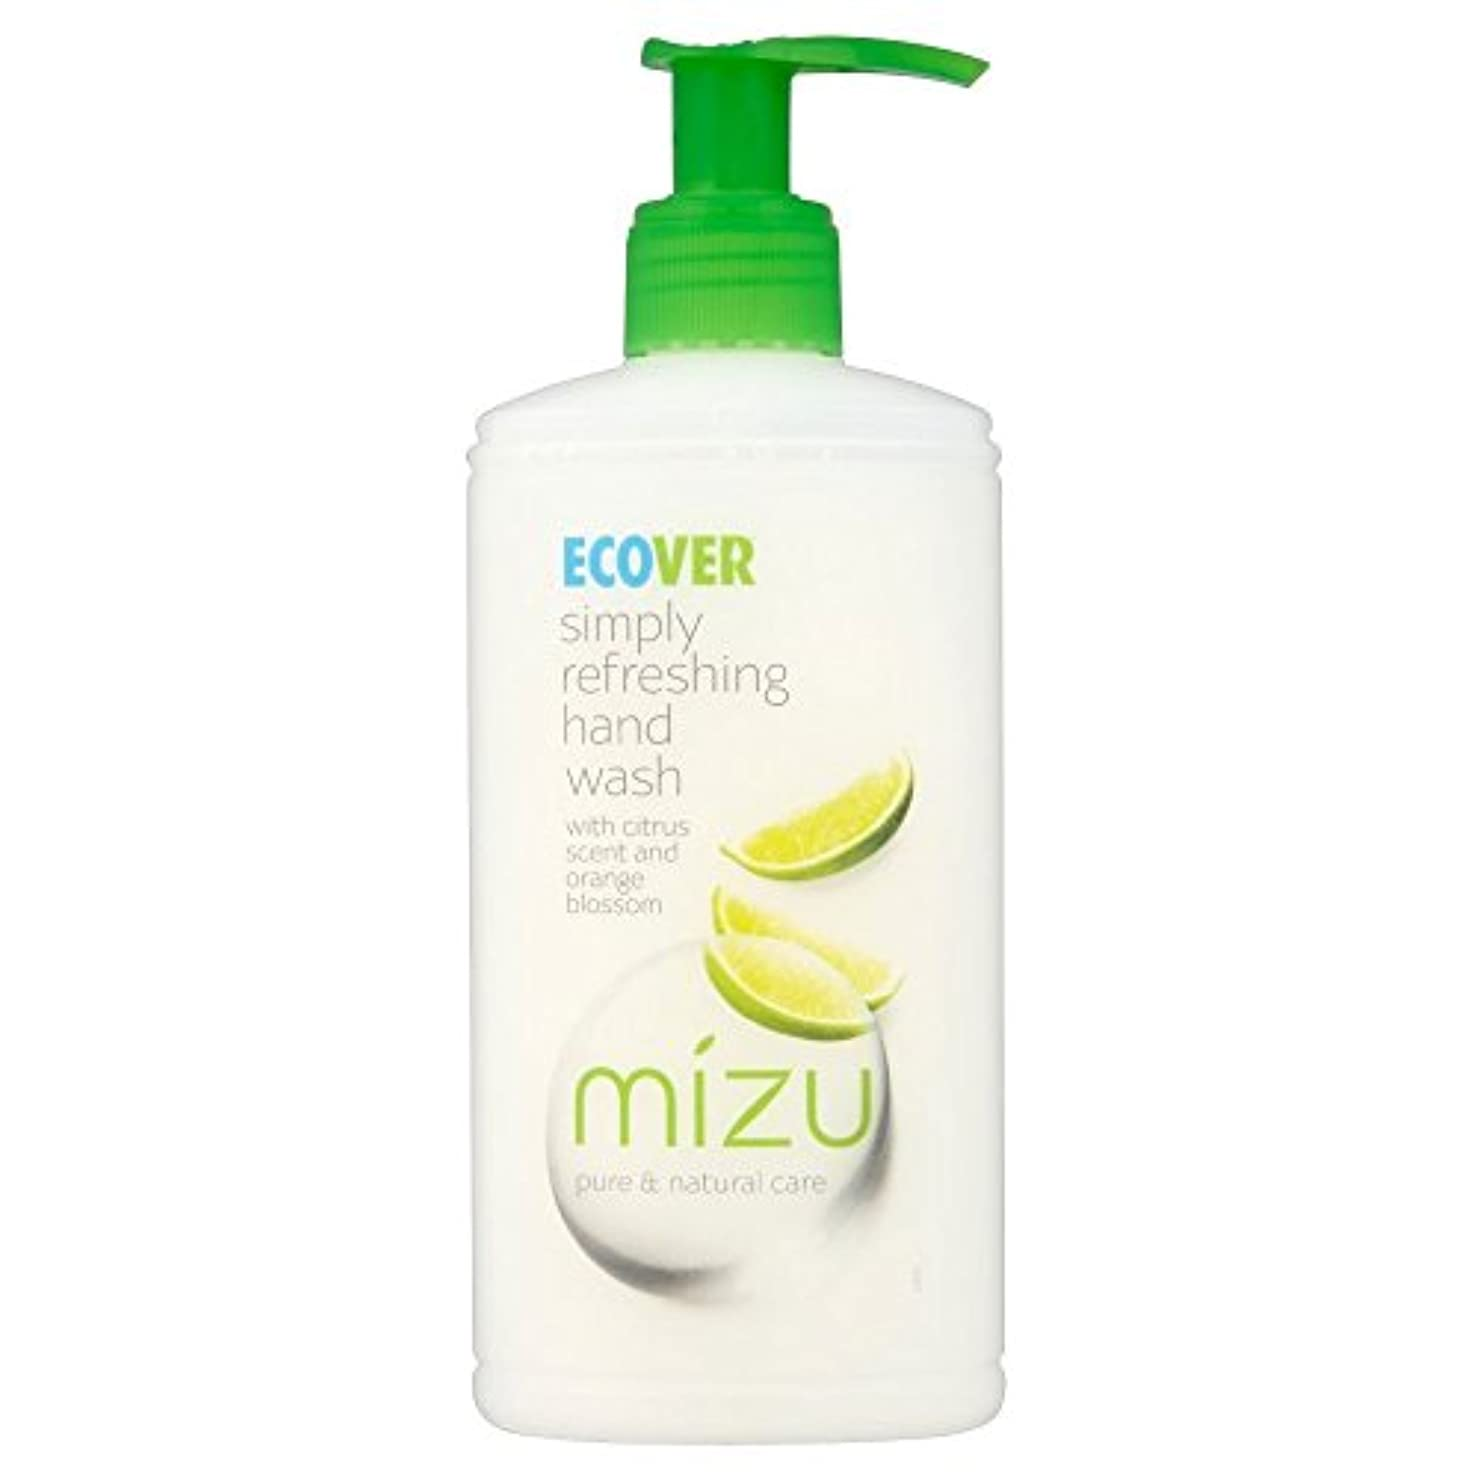 シーン幸福救援Ecover Liquid Hand Soap Citrus & Orange Blossom (250ml) エコベール液体ハンドソープシトラスとオレンジの花( 250ミリリットル) [並行輸入品]